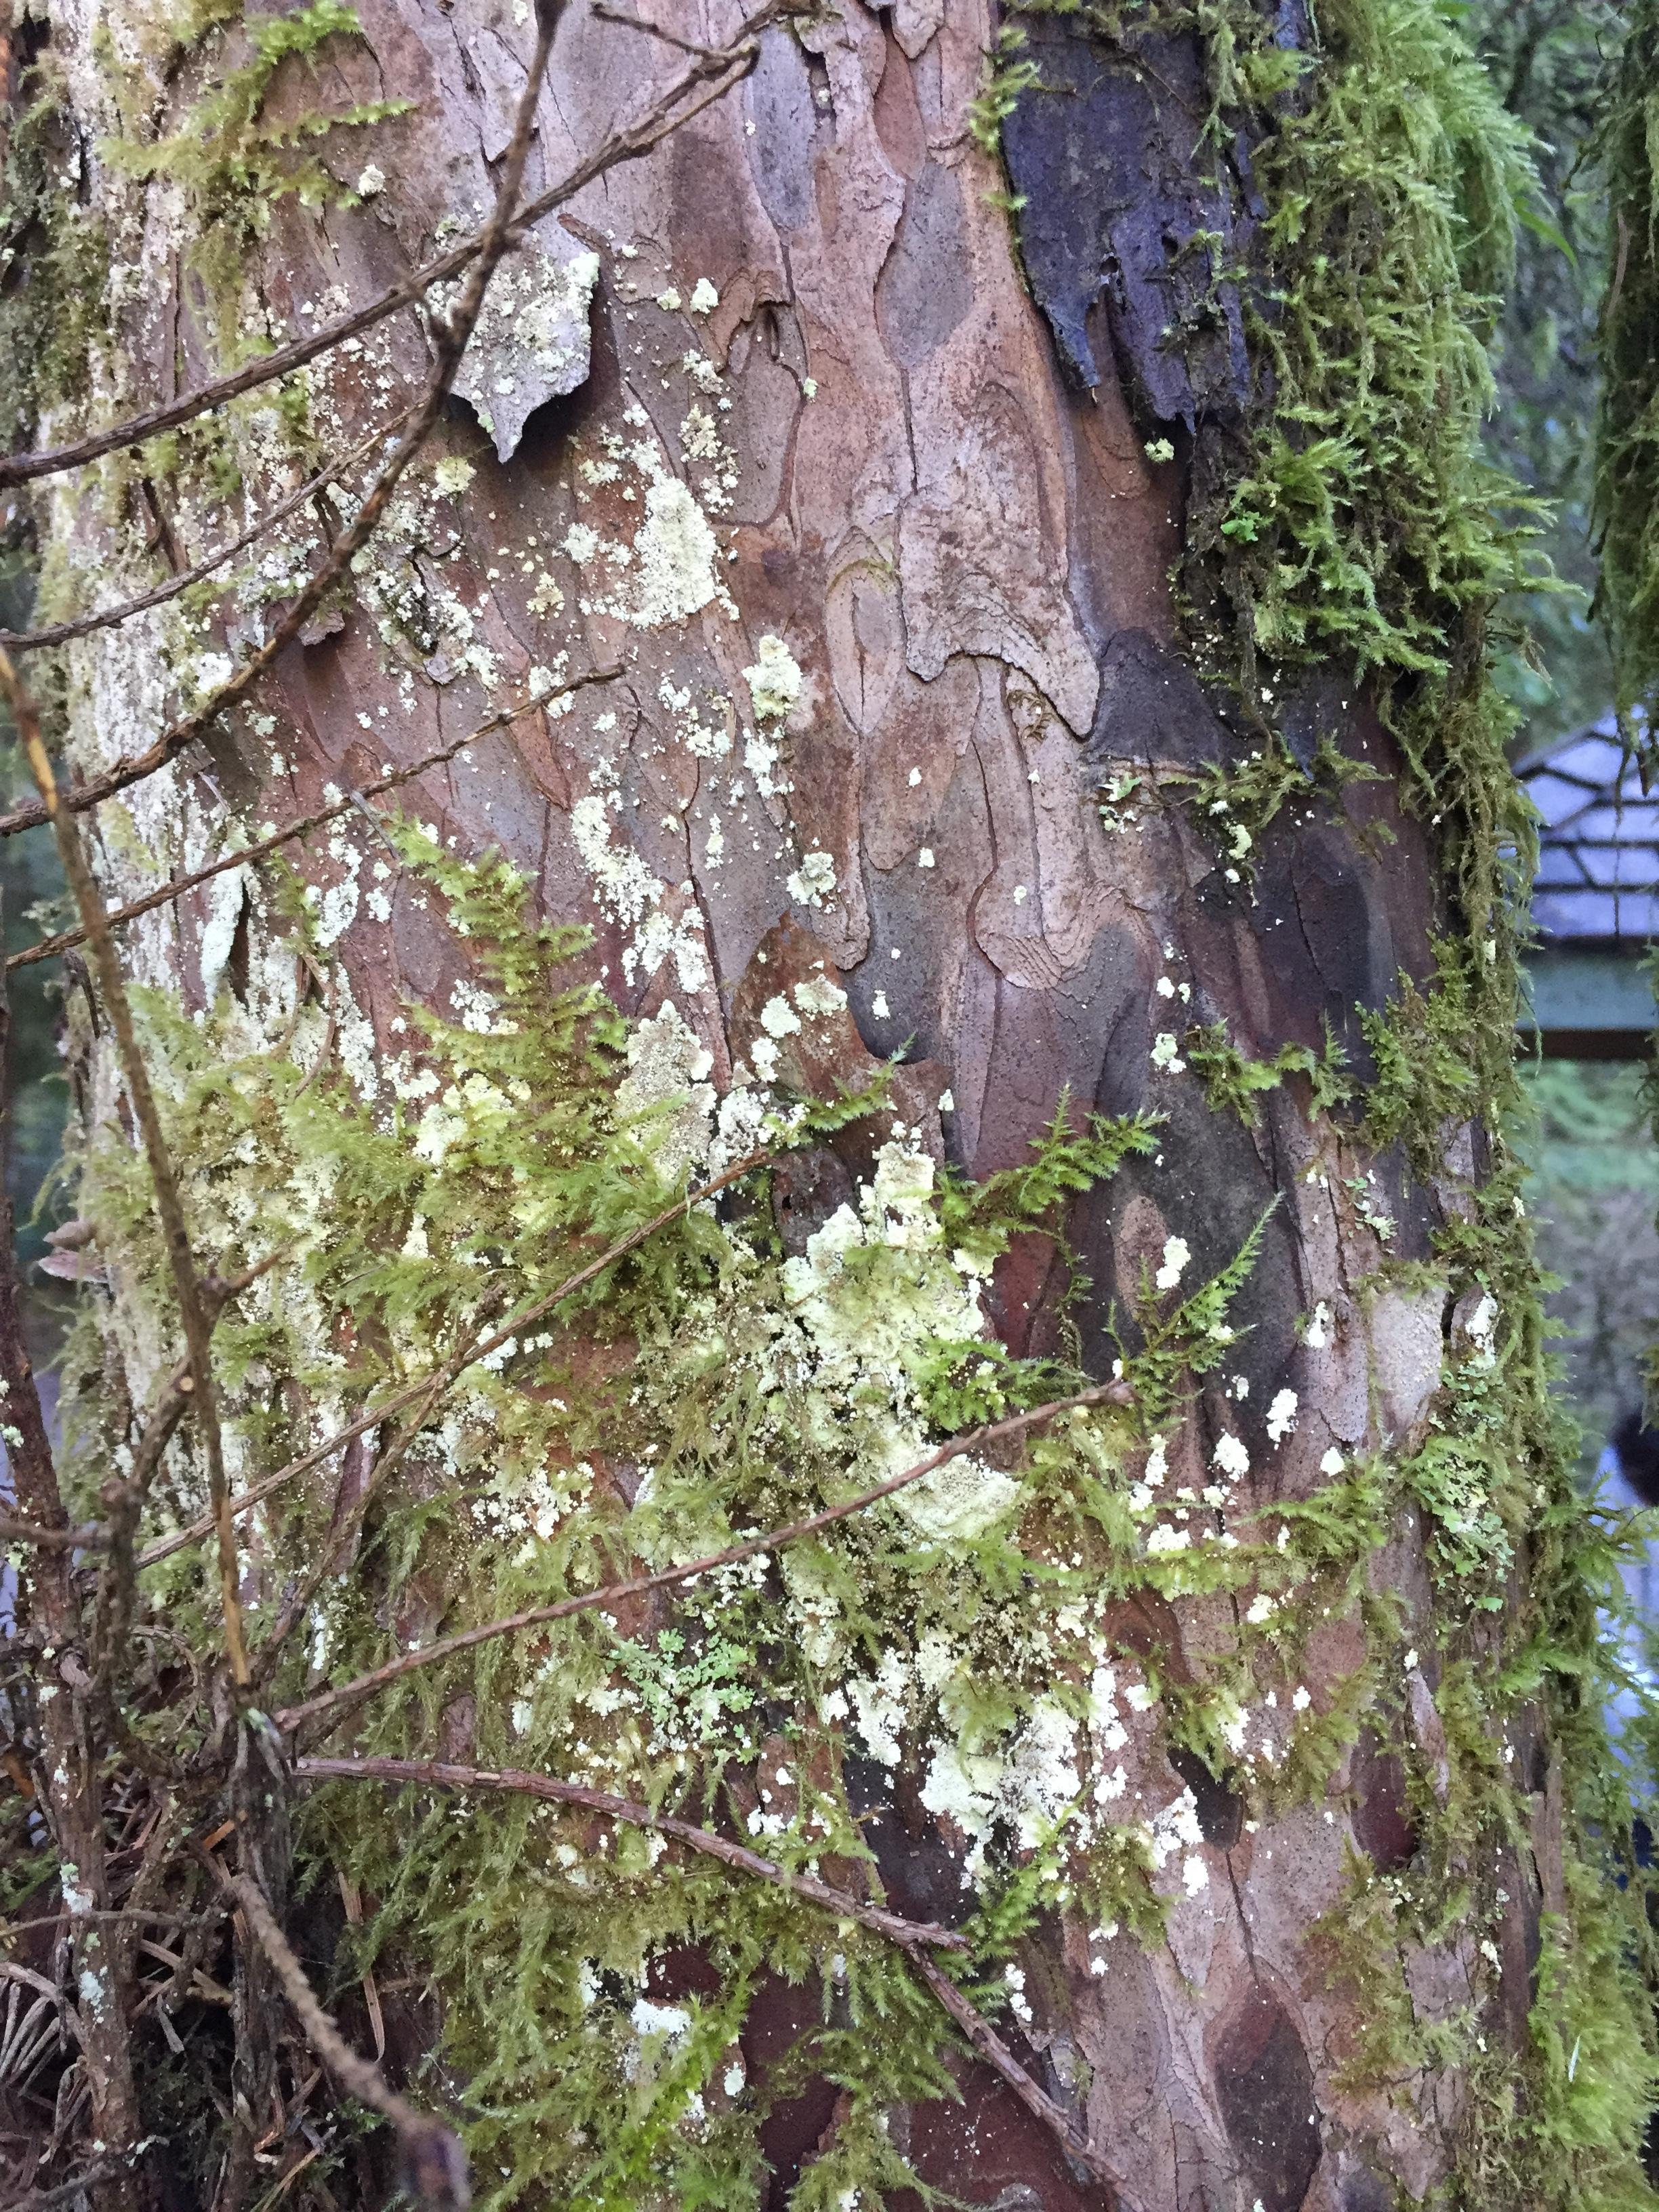 Pacific yew bark.